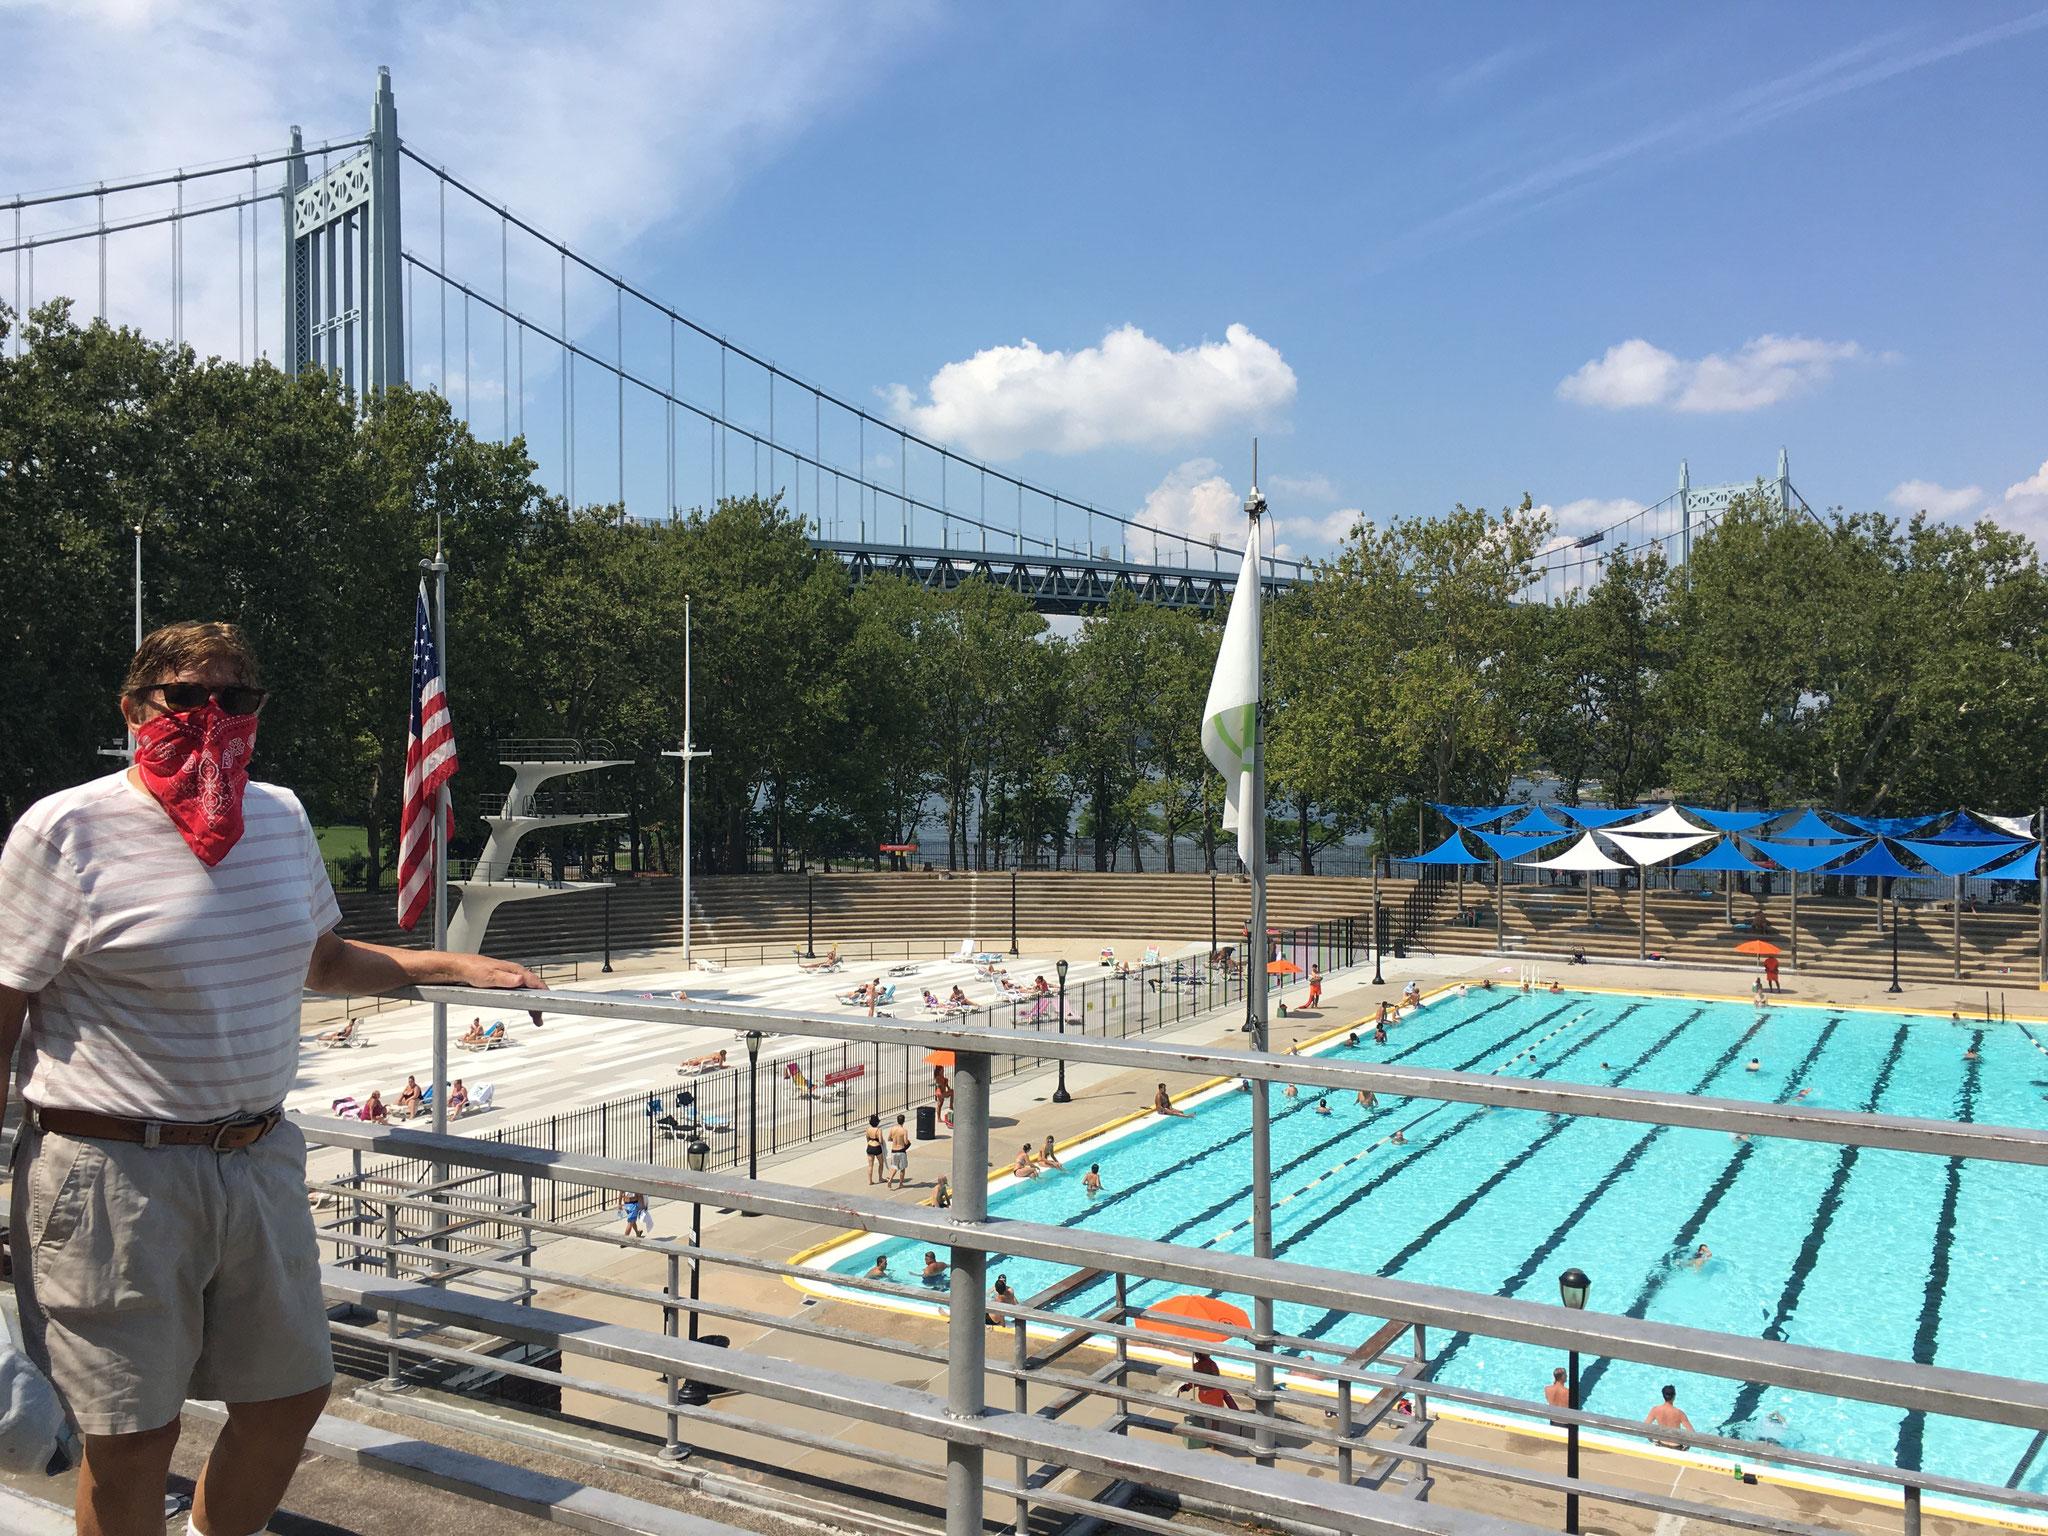 Bandit 13, Astoria Pool, NYC 8-2020